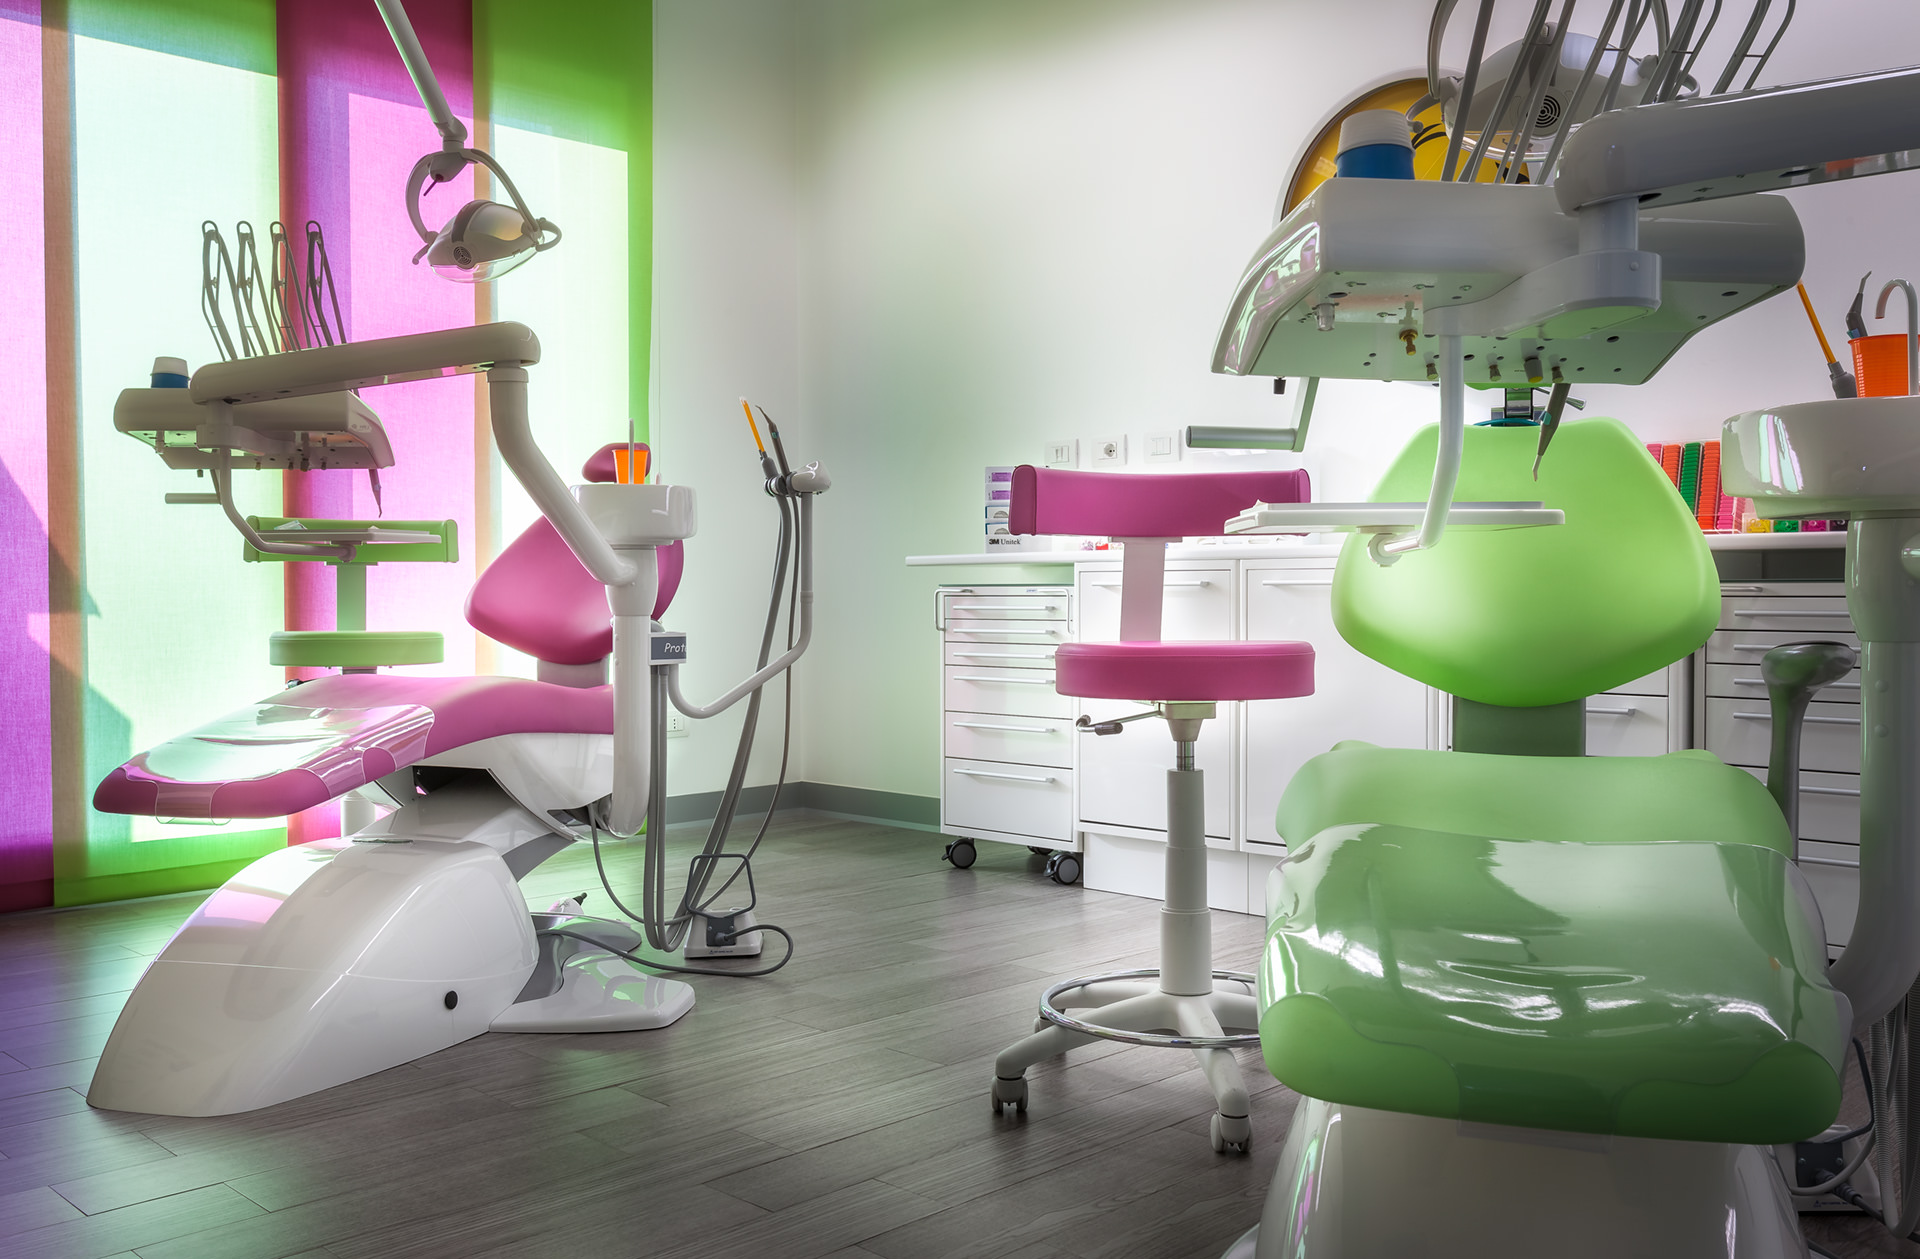 fotografia interni studio odontoiatrico dentista poltrona sgabello strumenti